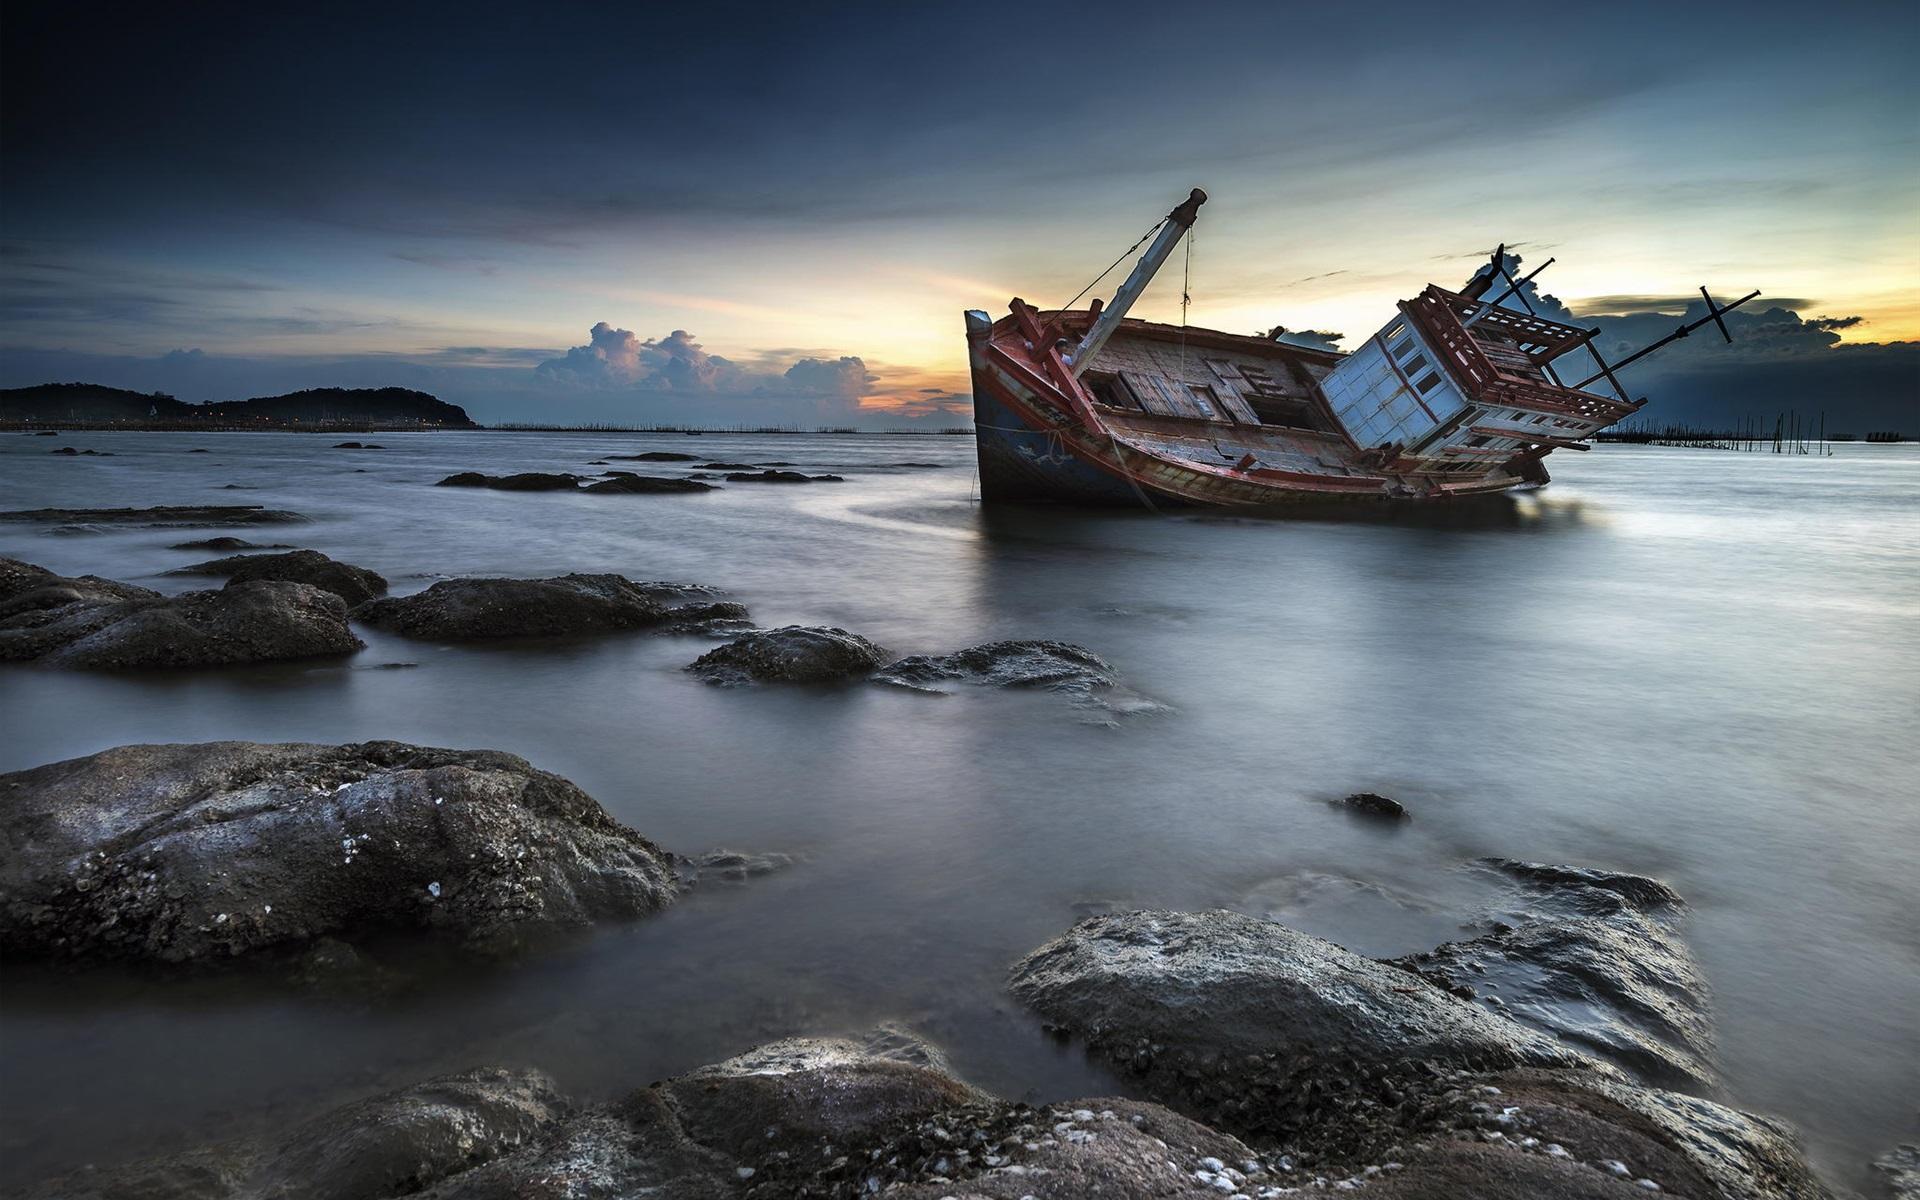 картинка корабль море скалы она